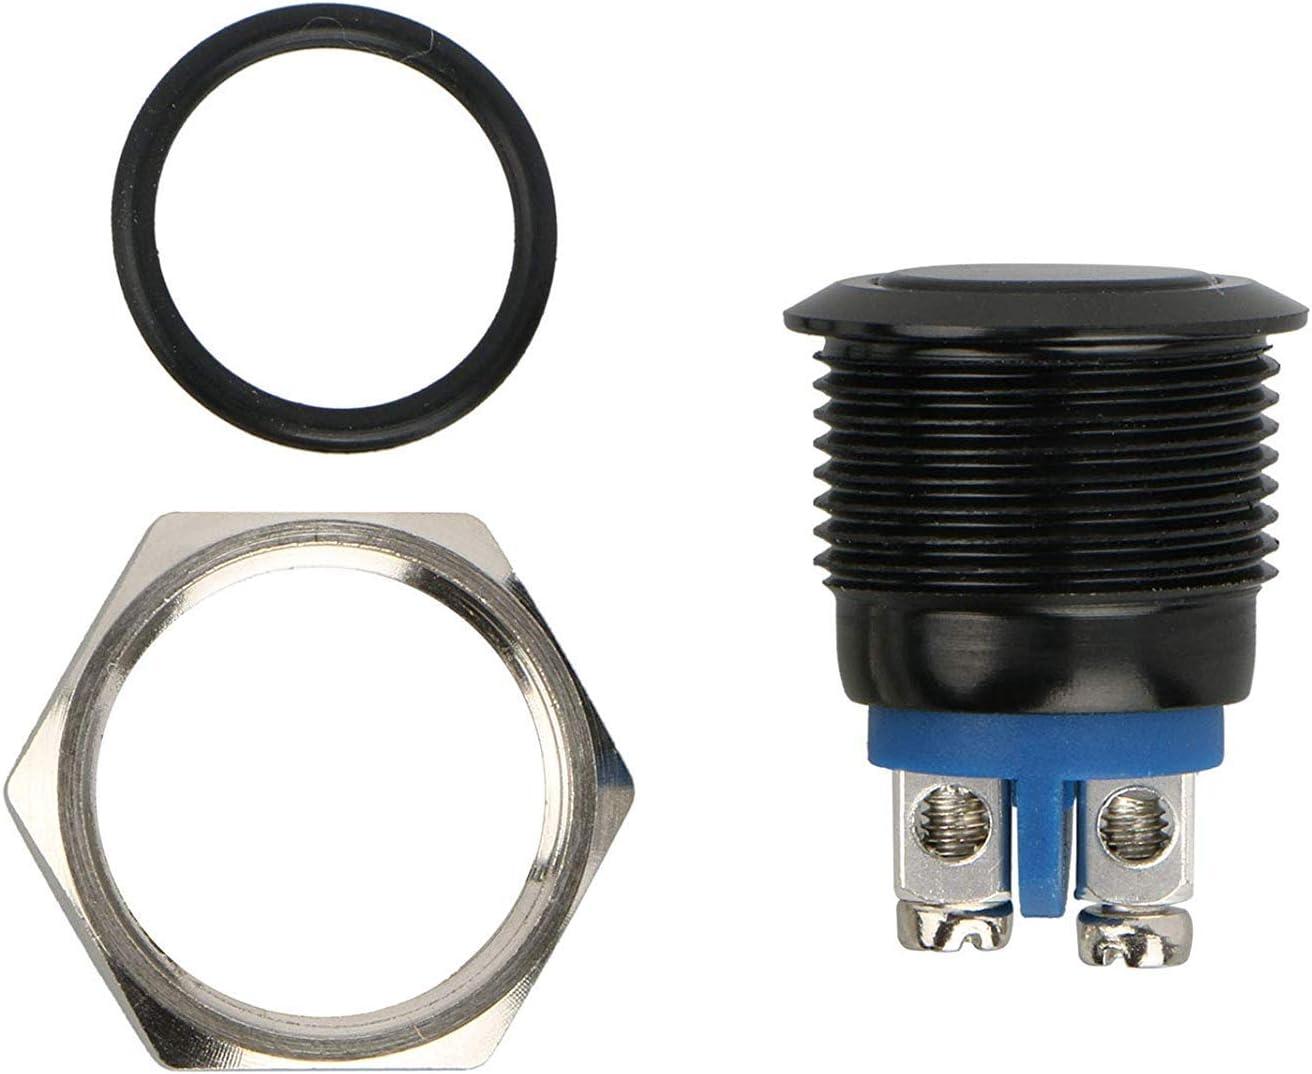 Interrupteur /à Bouton Rond Marine /étanche SPDT avec Voyant Bleu /à LED pour Bateau de Camion de Camping-Car Coque Noire Linkstyle 5pcs 16mm 5//8Interrupteur /à Bouton-Poussoir momentan/é en m/étal